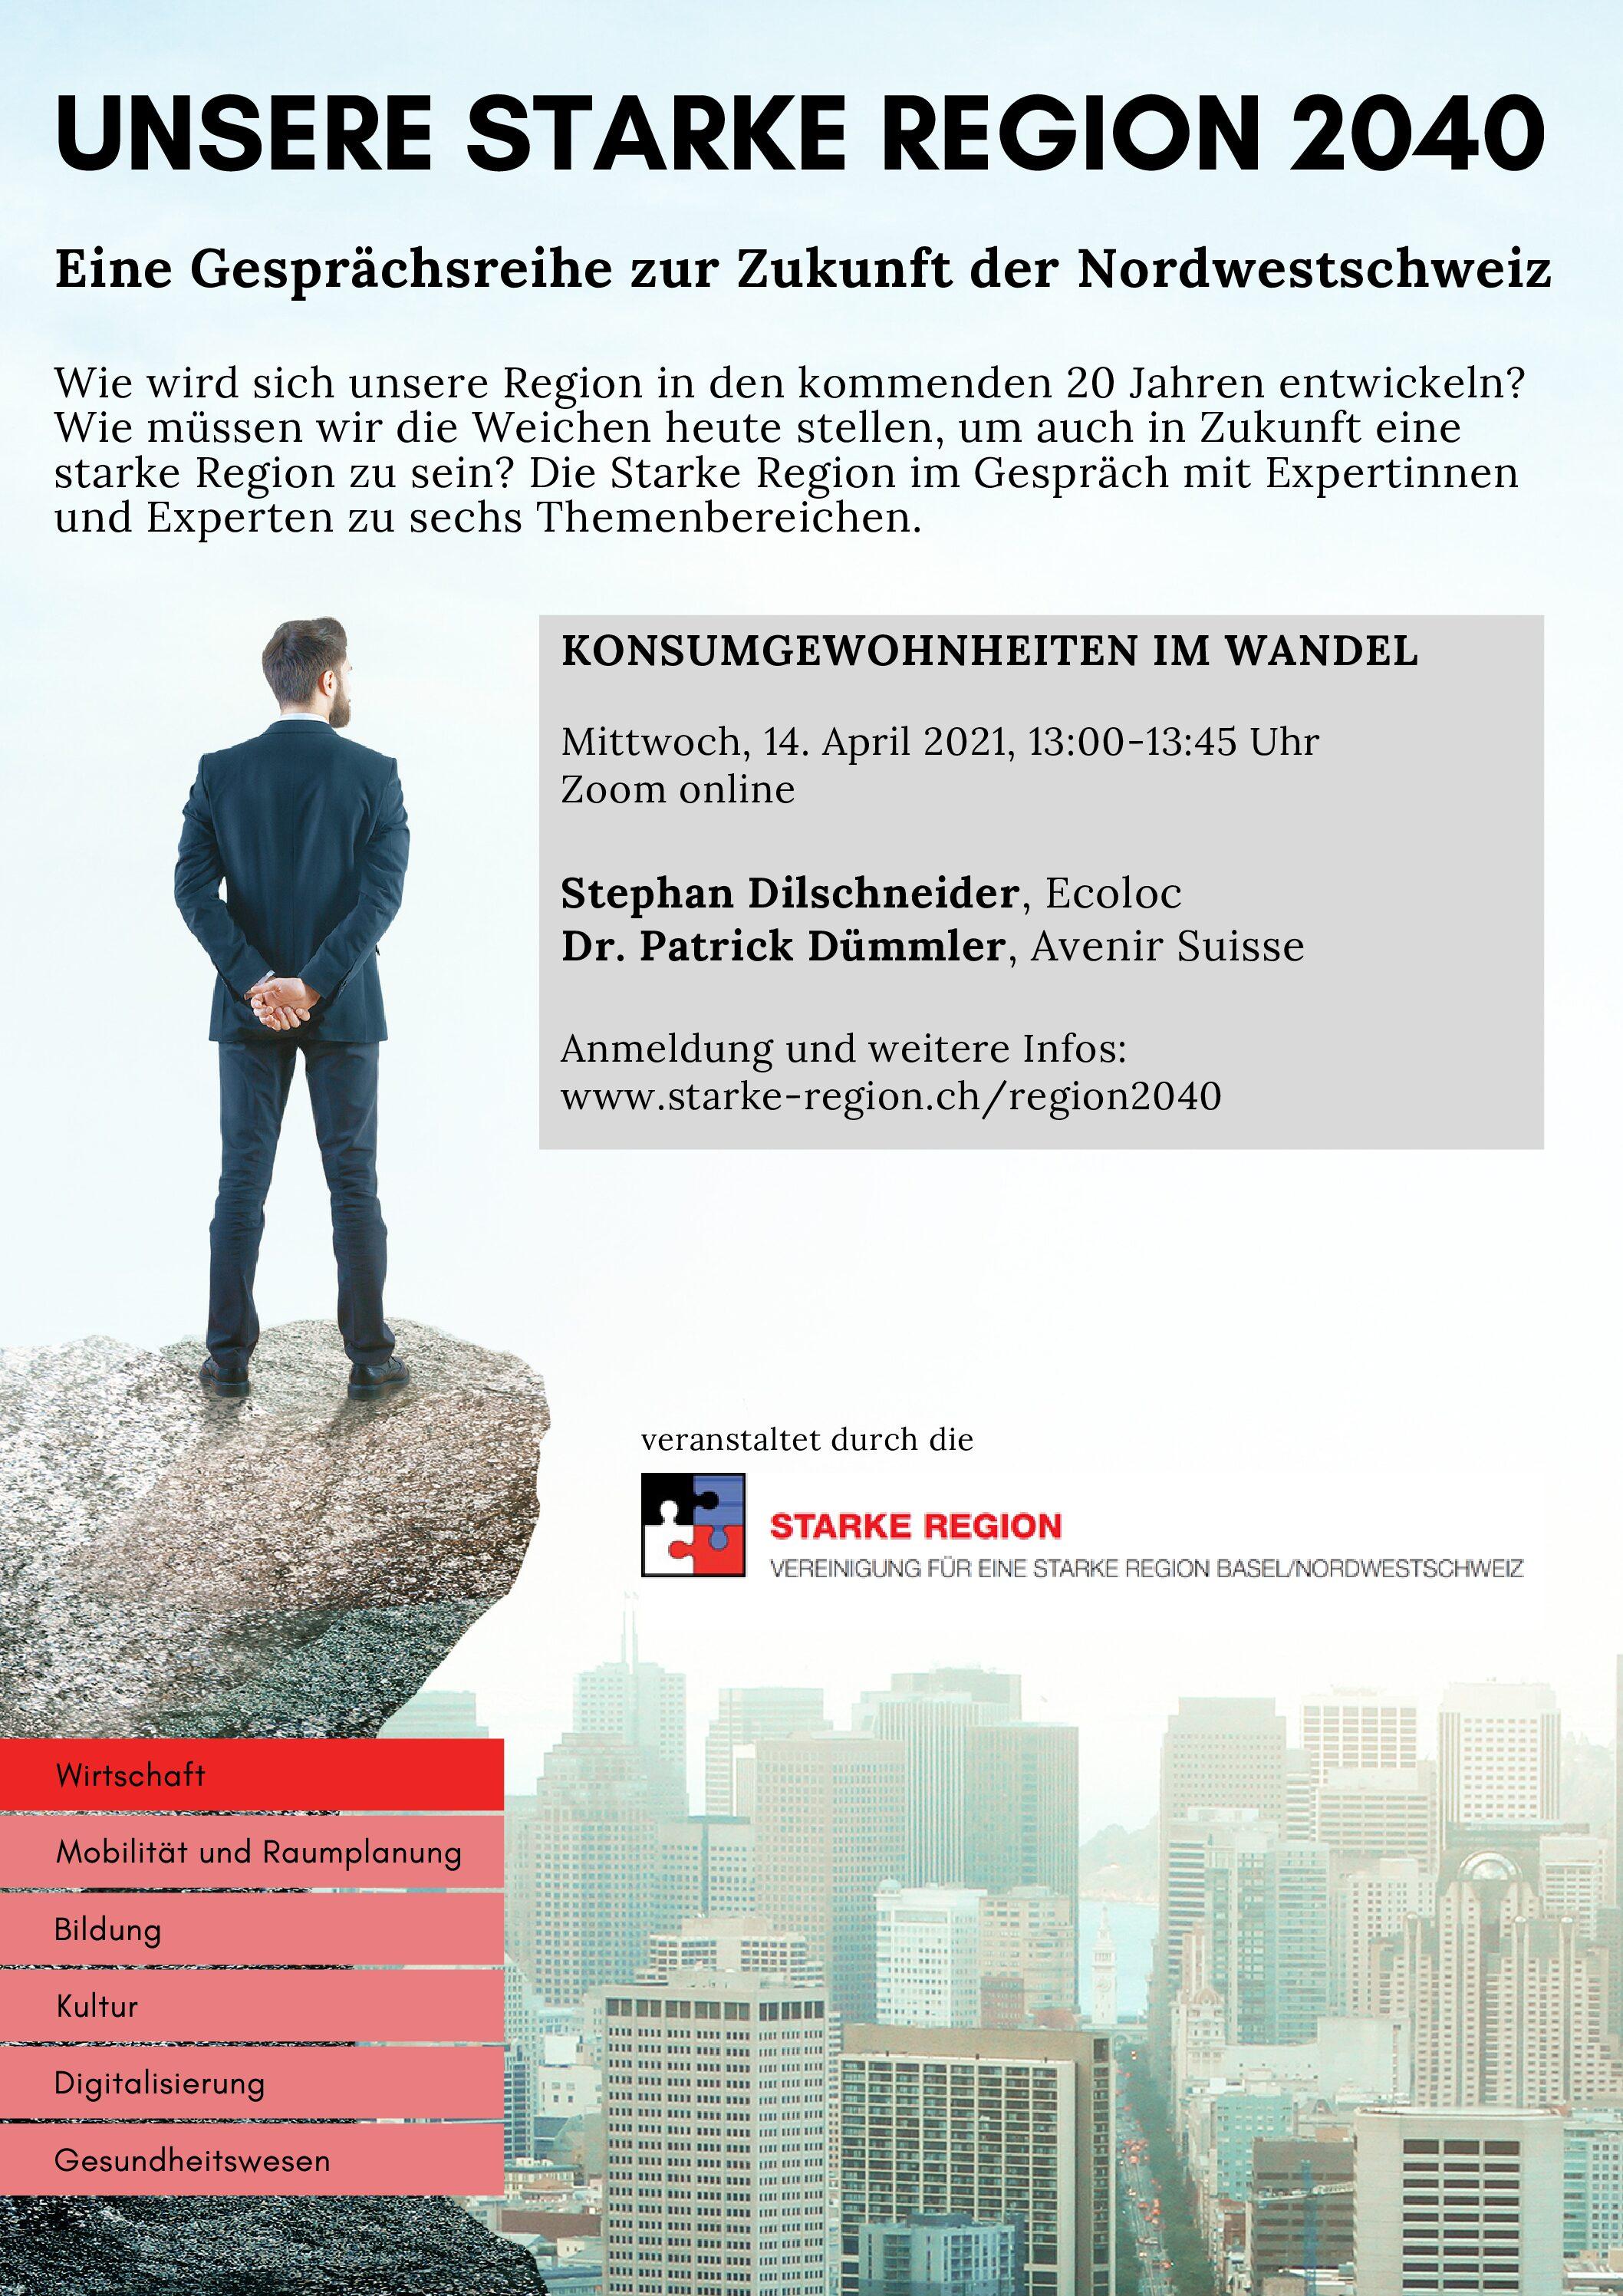 Gesprächsreihe zur Zukunft der Nordwestschweiz «Unsere starke Region 2040»